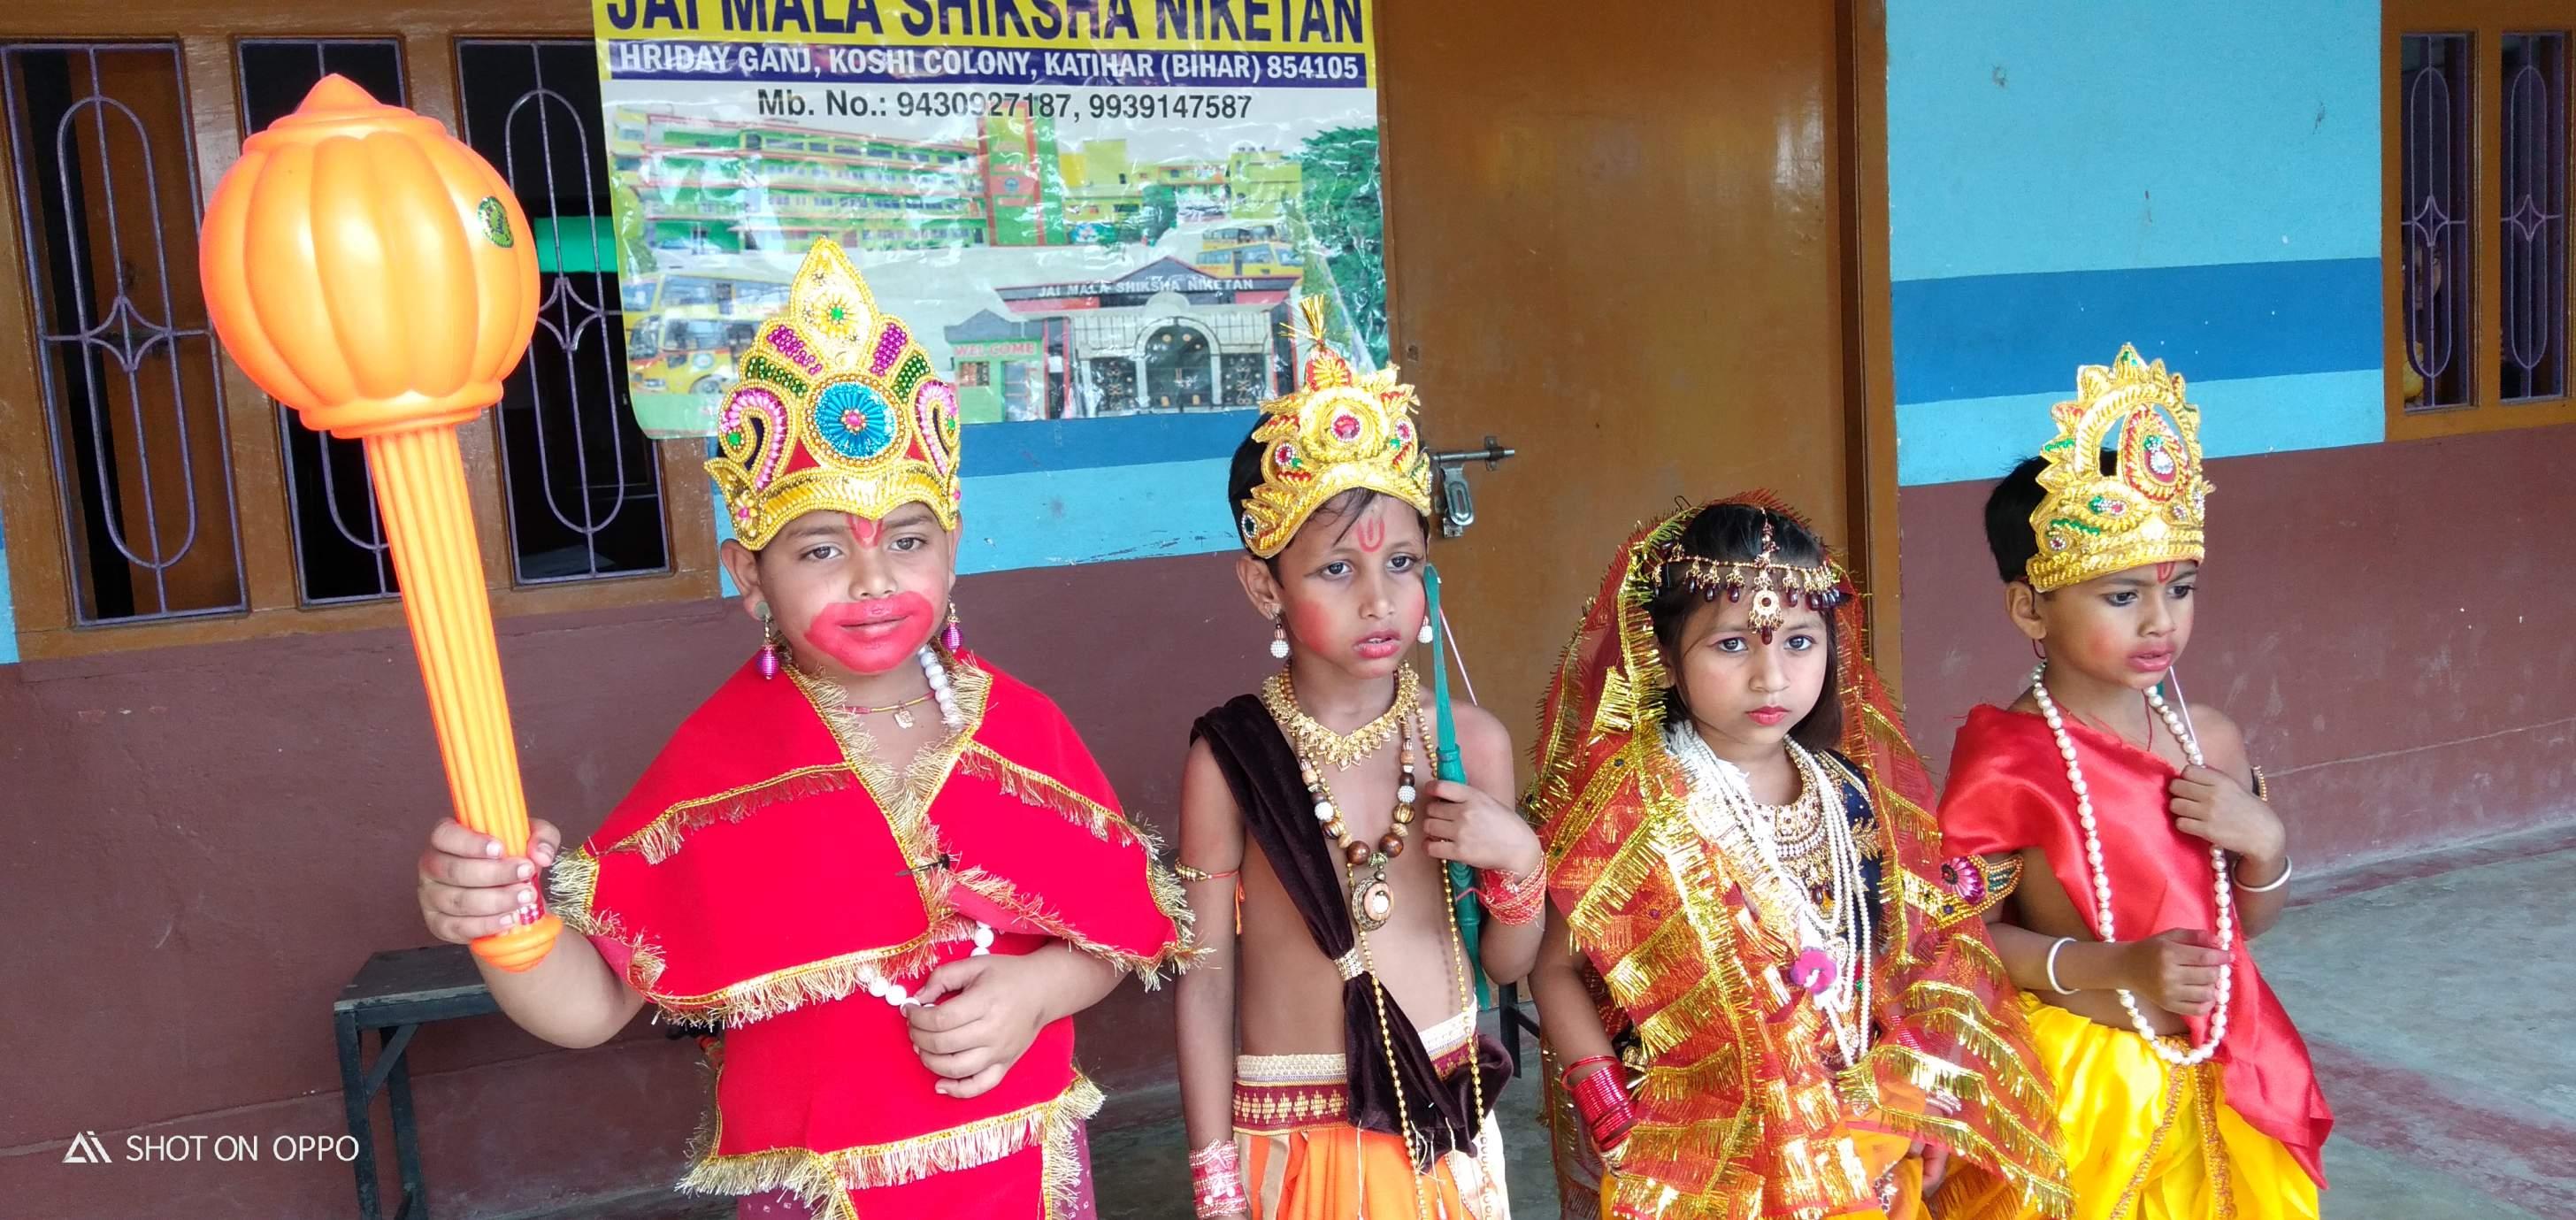 Jai Mala Shiksha Niketan: Cultural Events